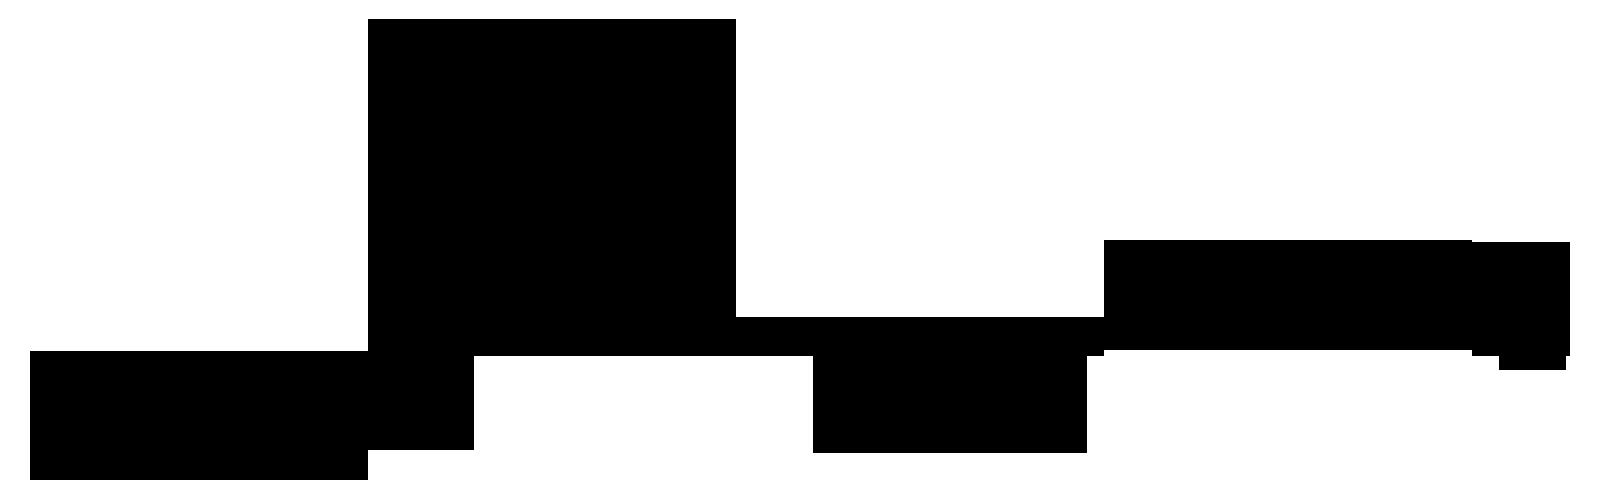 Methyl Acetate Or methyl ethanoate